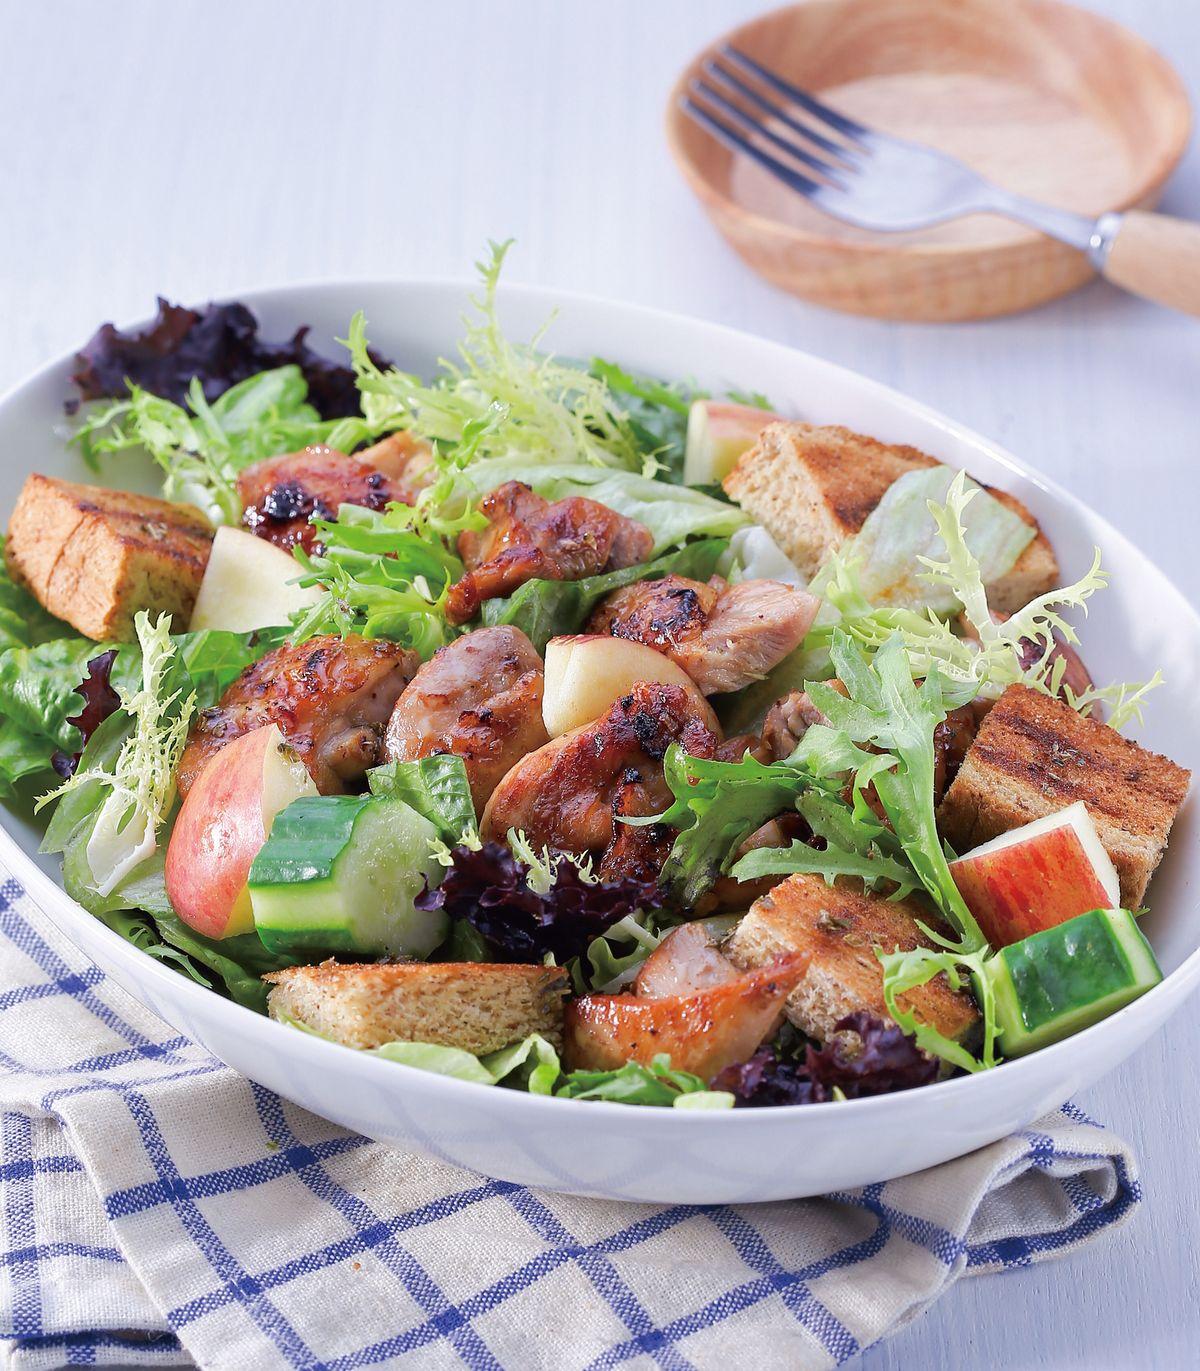 食譜:烤麵包雞肉輕食沙拉